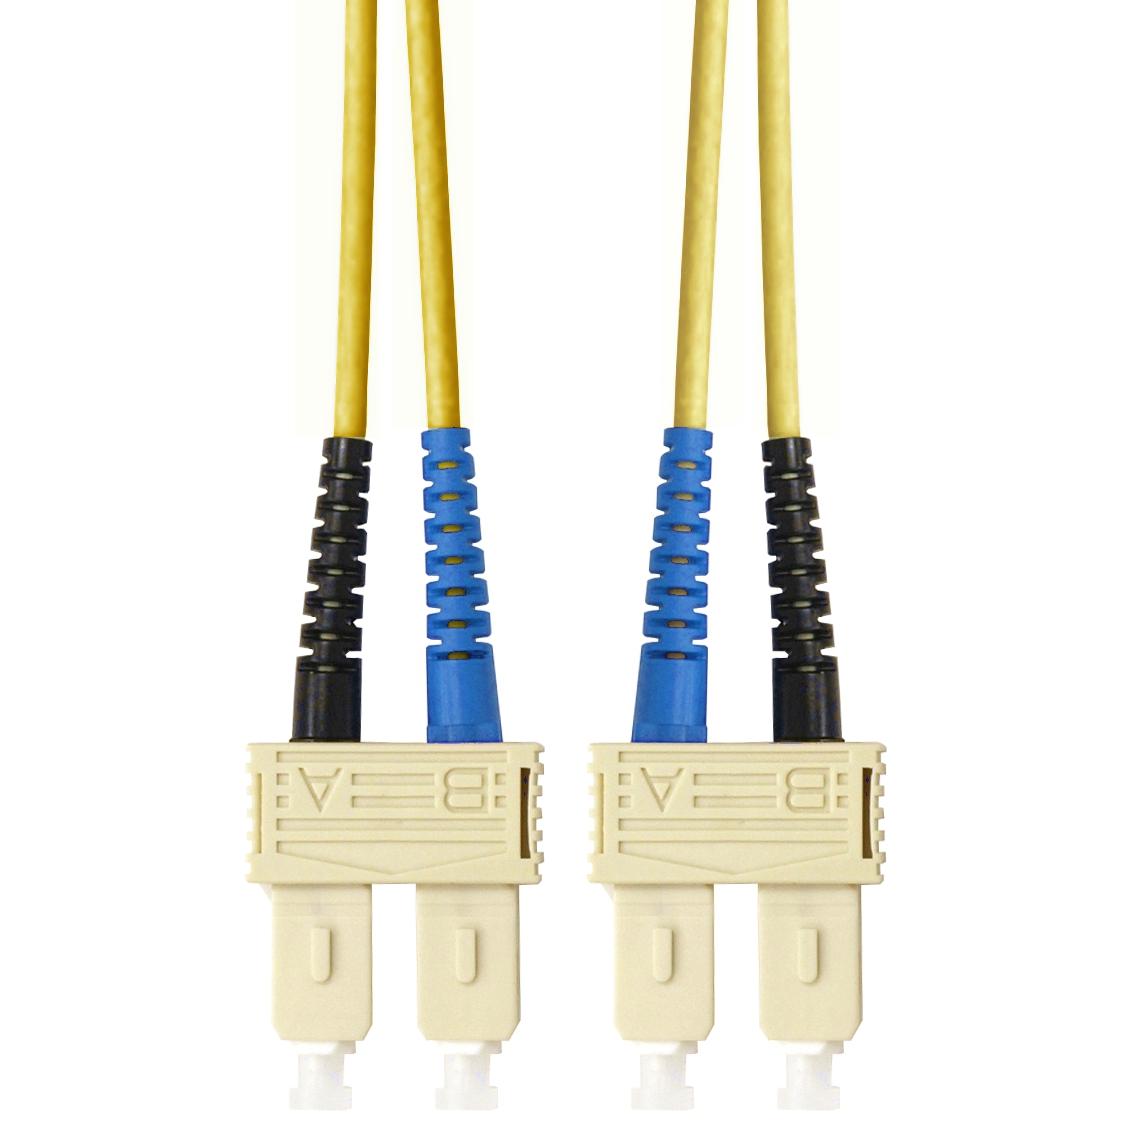 1 Stk LWL Patchkabel Duplex SC/SC, 9/125µm OS2, LS0H-3, gelb, 1.0m HLP29CC01F